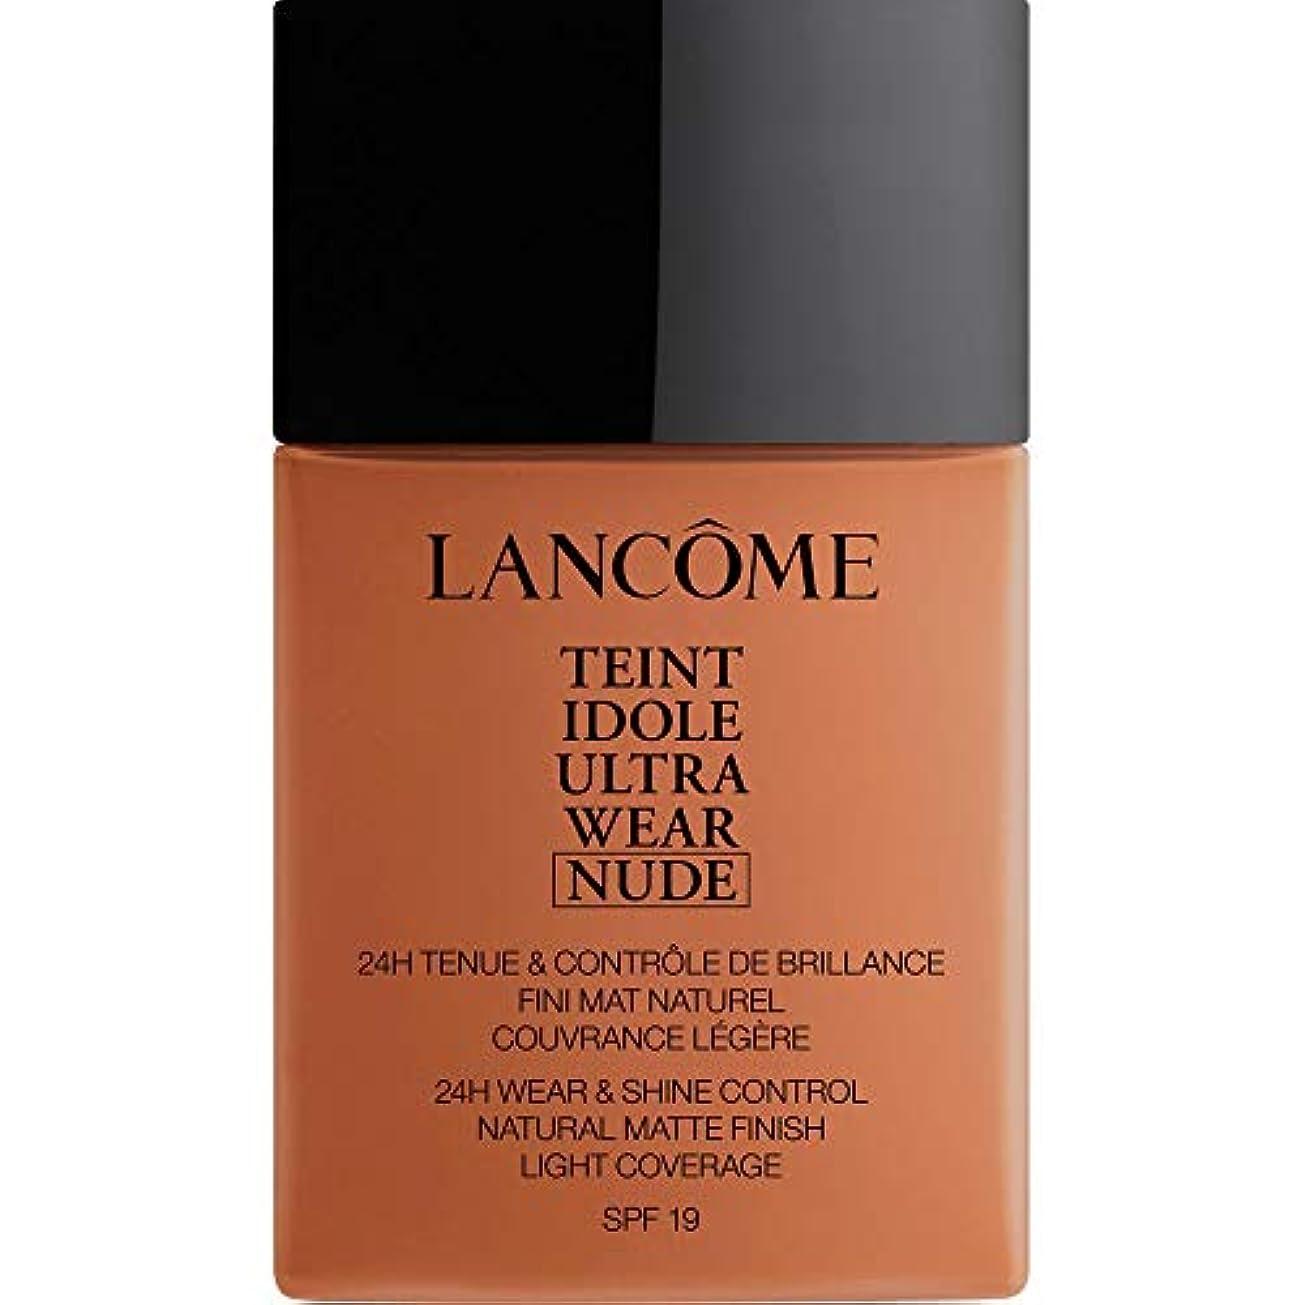 威信珍味悪用[Lanc?me ] アカジュー - ランコムTeintのIdoleは、超ヌード基礎Spf19の40ミリリットル10.1を着用します - Lancome Teint Idole Ultra Wear Nude Foundation...